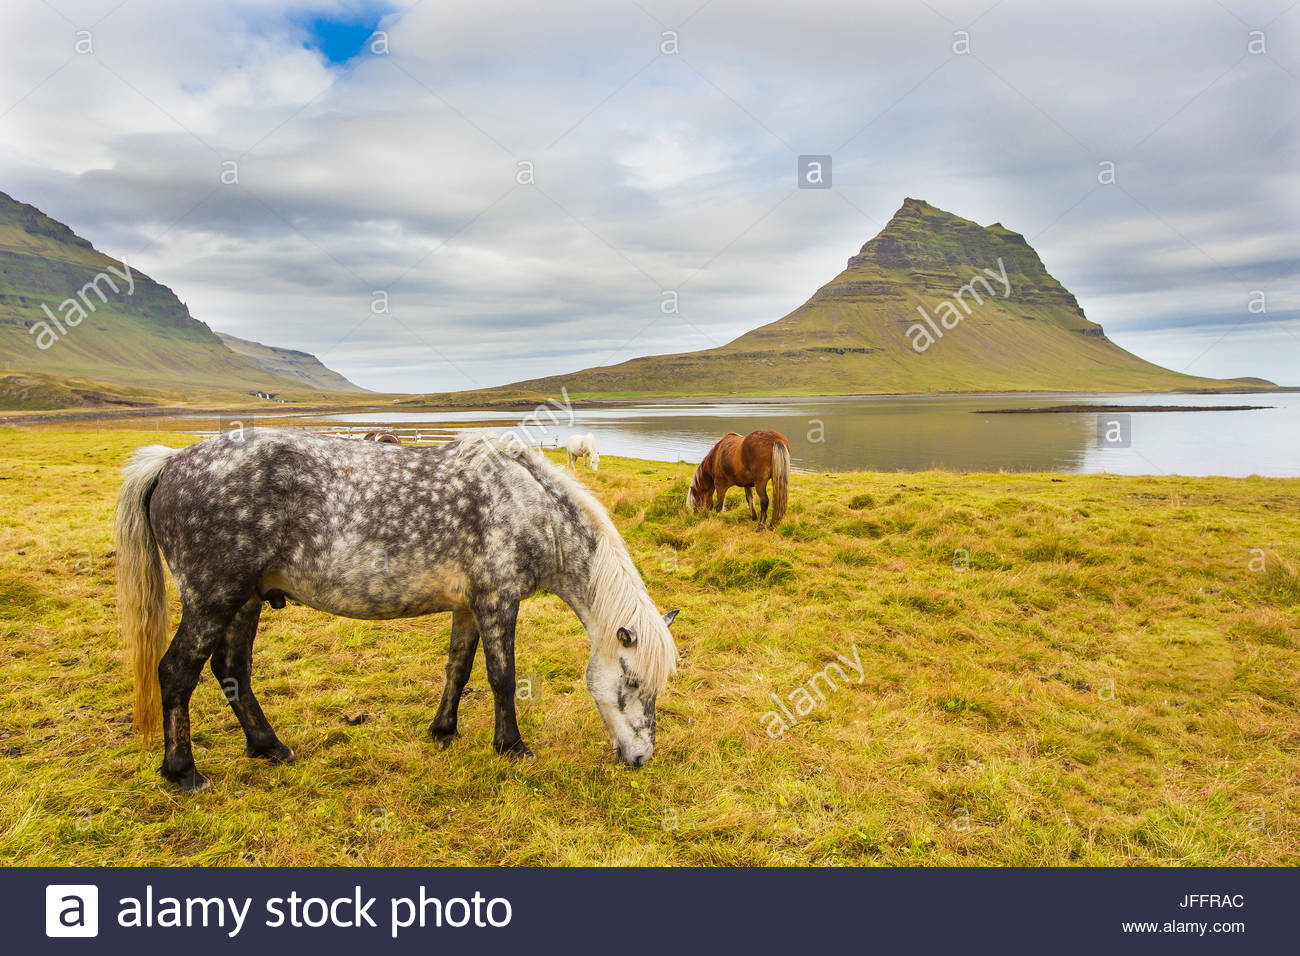 Chevaux paissant dans une prairie près de Kirkjufell Mountain, sur la côte de l'Islande. Photo Stock